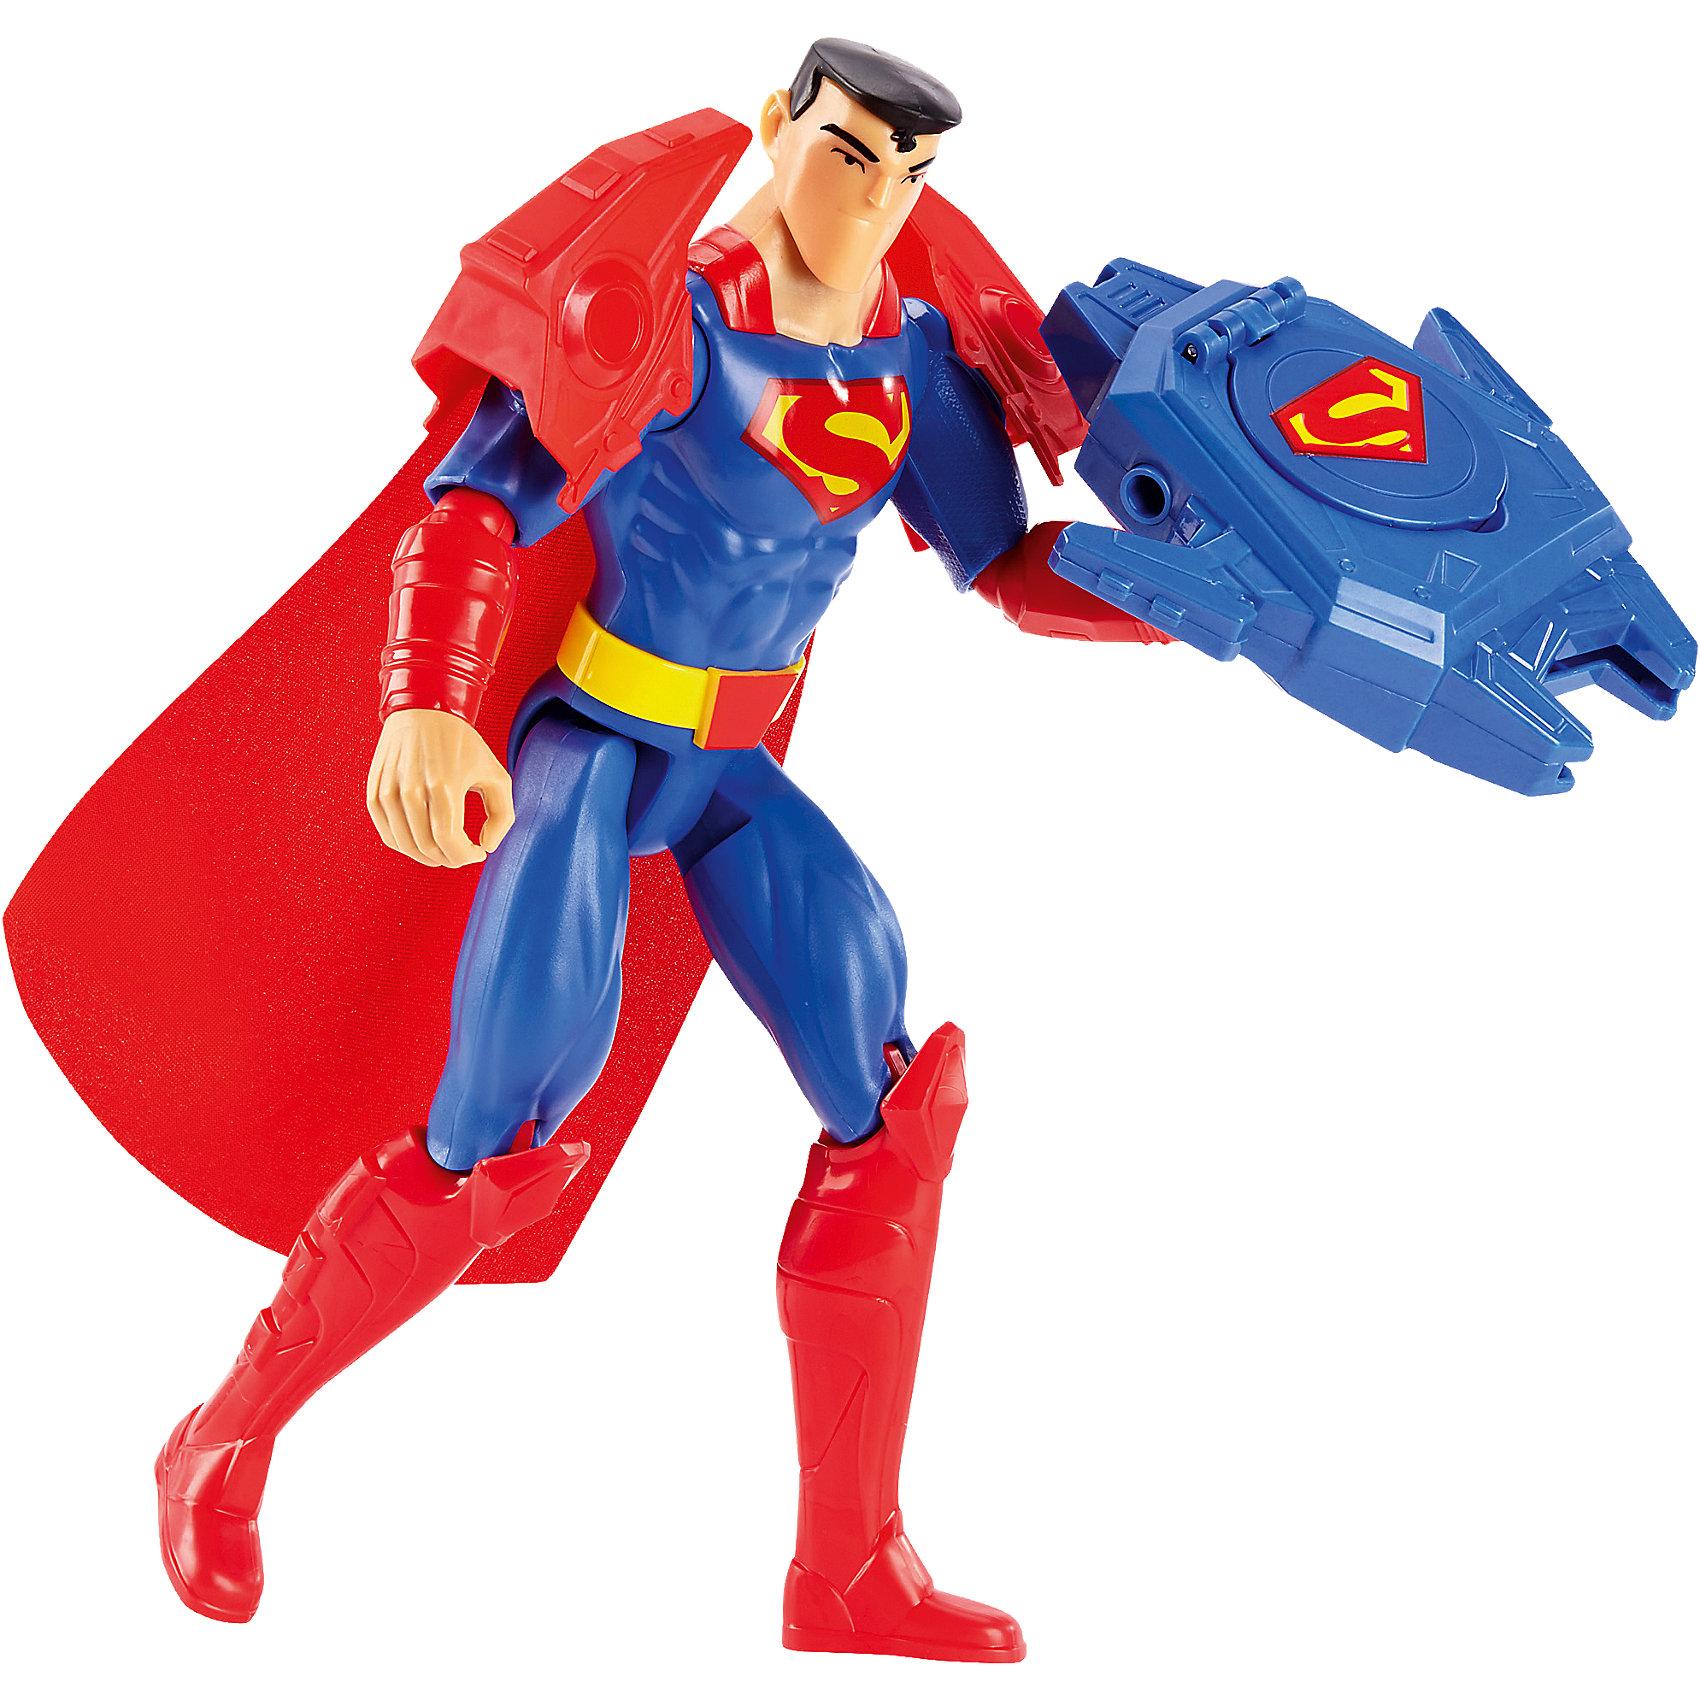 Базовая фигурка Лига справедливости, 30 см СуперменЛюбимые герои<br>Характеристики товара:<br><br>• возраст от 3 лет;<br>• материал: пластик;<br>• в комплекте: фигурка, оружие, 3 диска, 2 наплечника;<br>• высота фигурки 30 см;<br>• размер упаковки 31х17х9,5 см;<br>• вес упаковки 410 гр.;<br>• страна производитель: Китай.<br><br>Фигурка Супермен Superman Armor Blast обязательно понравится поклонникам известного супергероя с планеты Криптон Супермена. Супермен оснащен мощным оружием бластером, стреляющим дисками и способным победить даже самых опасных противников. Голова фигурки поворачивается, а руки и ноги сгибаются. Игрушка изготовлена из качественного безопасного пластика. Она позволит мальчикам придумать и устроить невероятные сражения с участием любимого супергероя.<br><br>Фигурку Супермен Superman Armor Blast можно приобрести в нашем интернет-магазине.<br><br>Ширина мм: 309<br>Глубина мм: 172<br>Высота мм: 96<br>Вес г: 413<br>Возраст от месяцев: 36<br>Возраст до месяцев: 96<br>Пол: Мужской<br>Возраст: Детский<br>SKU: 5197064